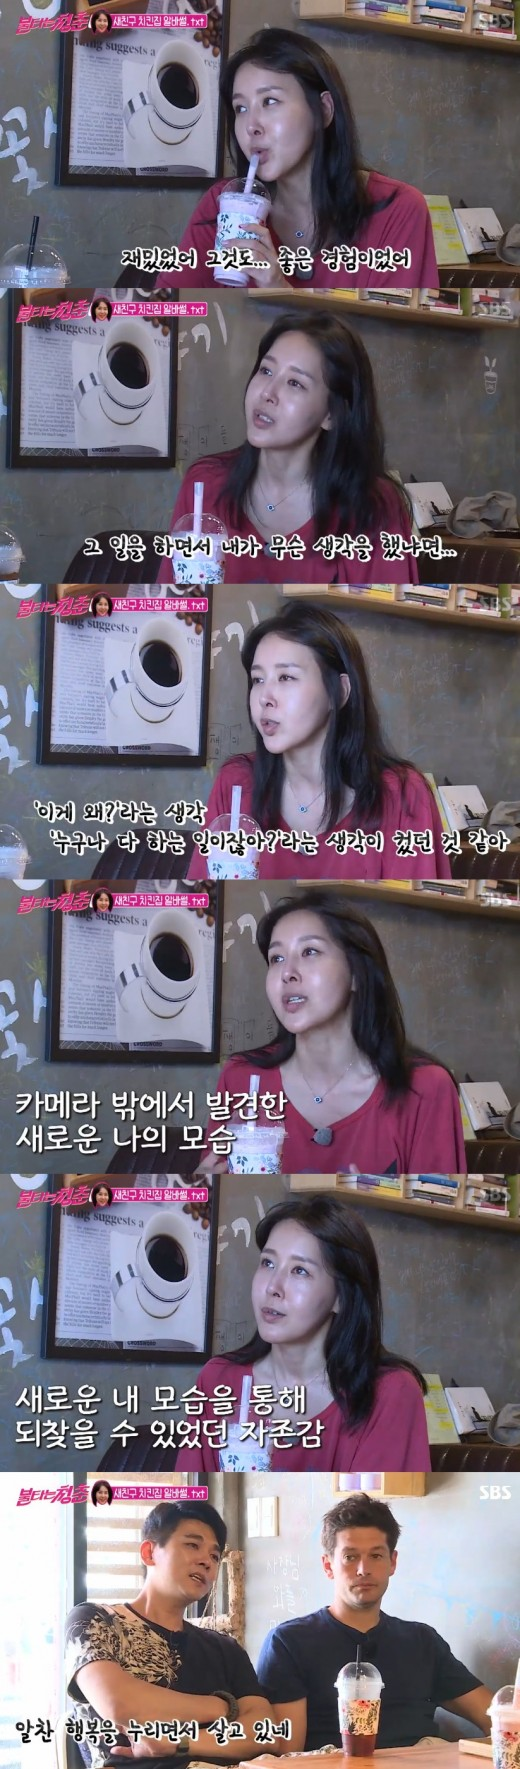 '불청' 김윤정, 광고요정→회사원... 도전으로 쟁취한 삶의 행복